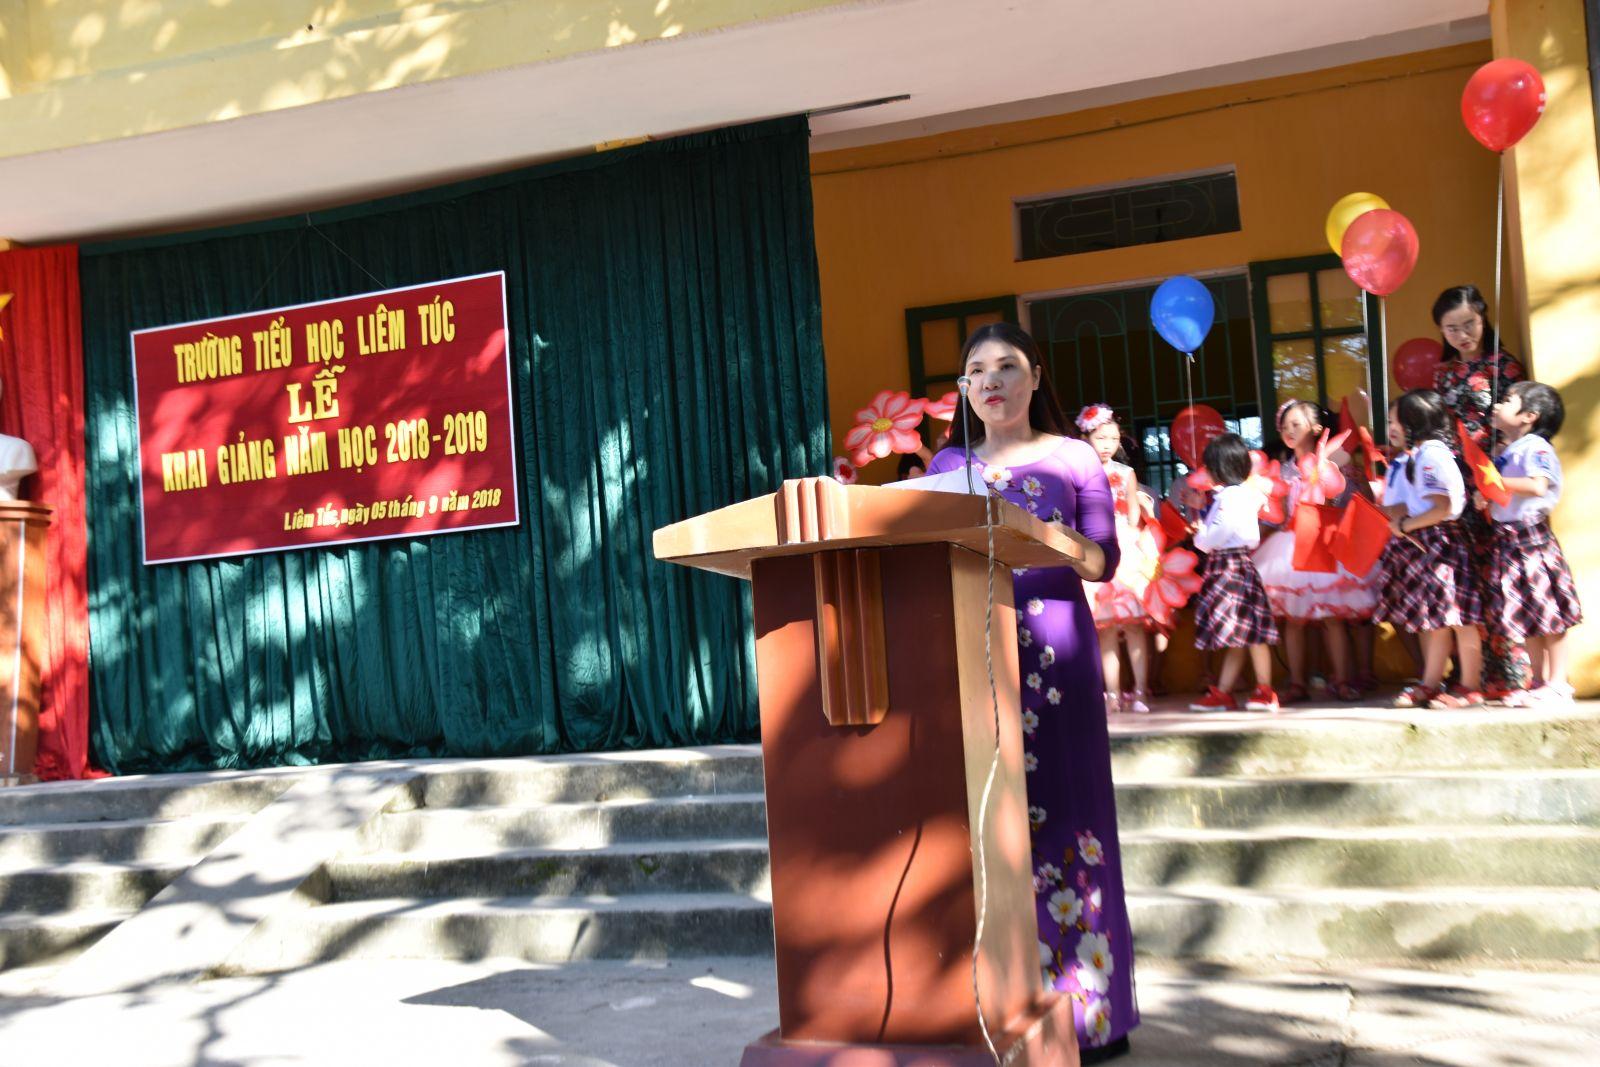 Cô Hoàng Thị Loan- Bí thư chi bộ, Hiệu trường nhà trường đọc diễn văn khai giảng